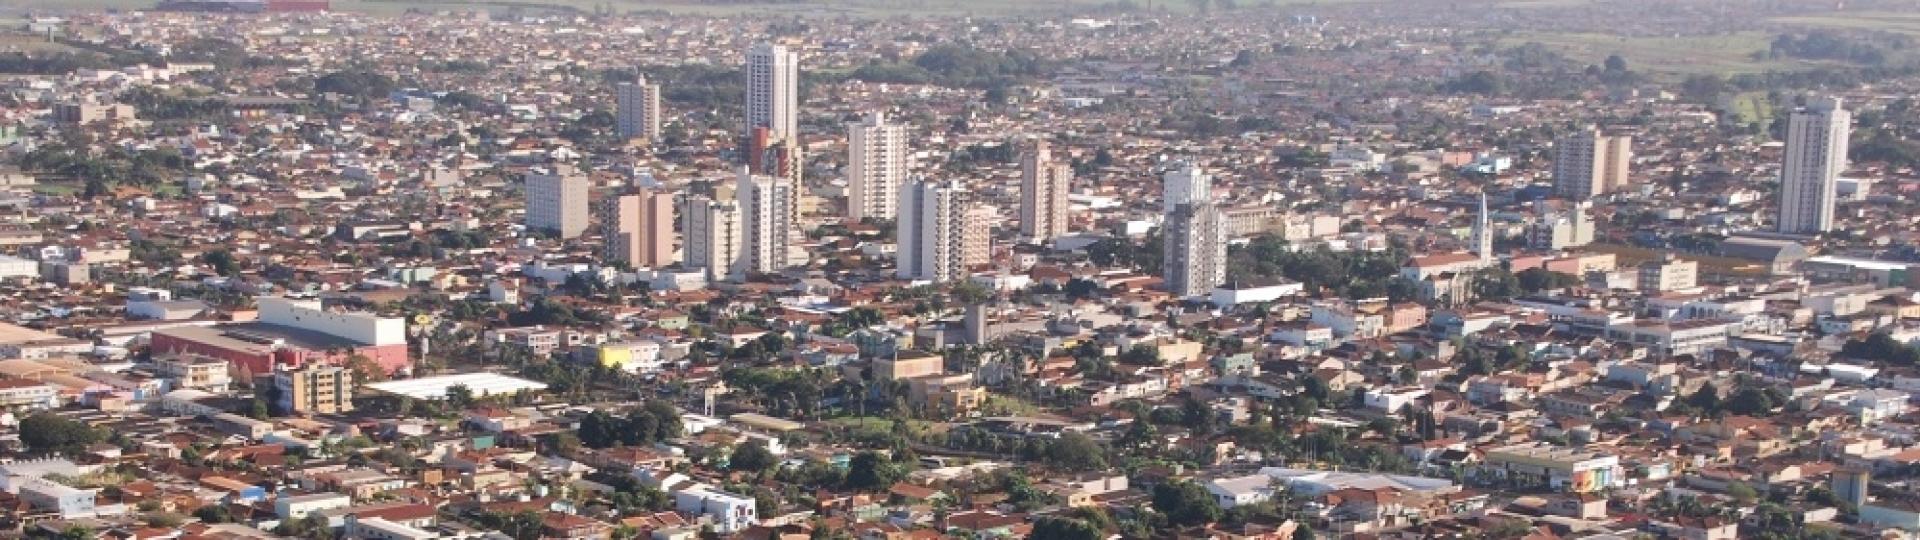 Sertãozinho: cidade onde o PIB cresce 9%